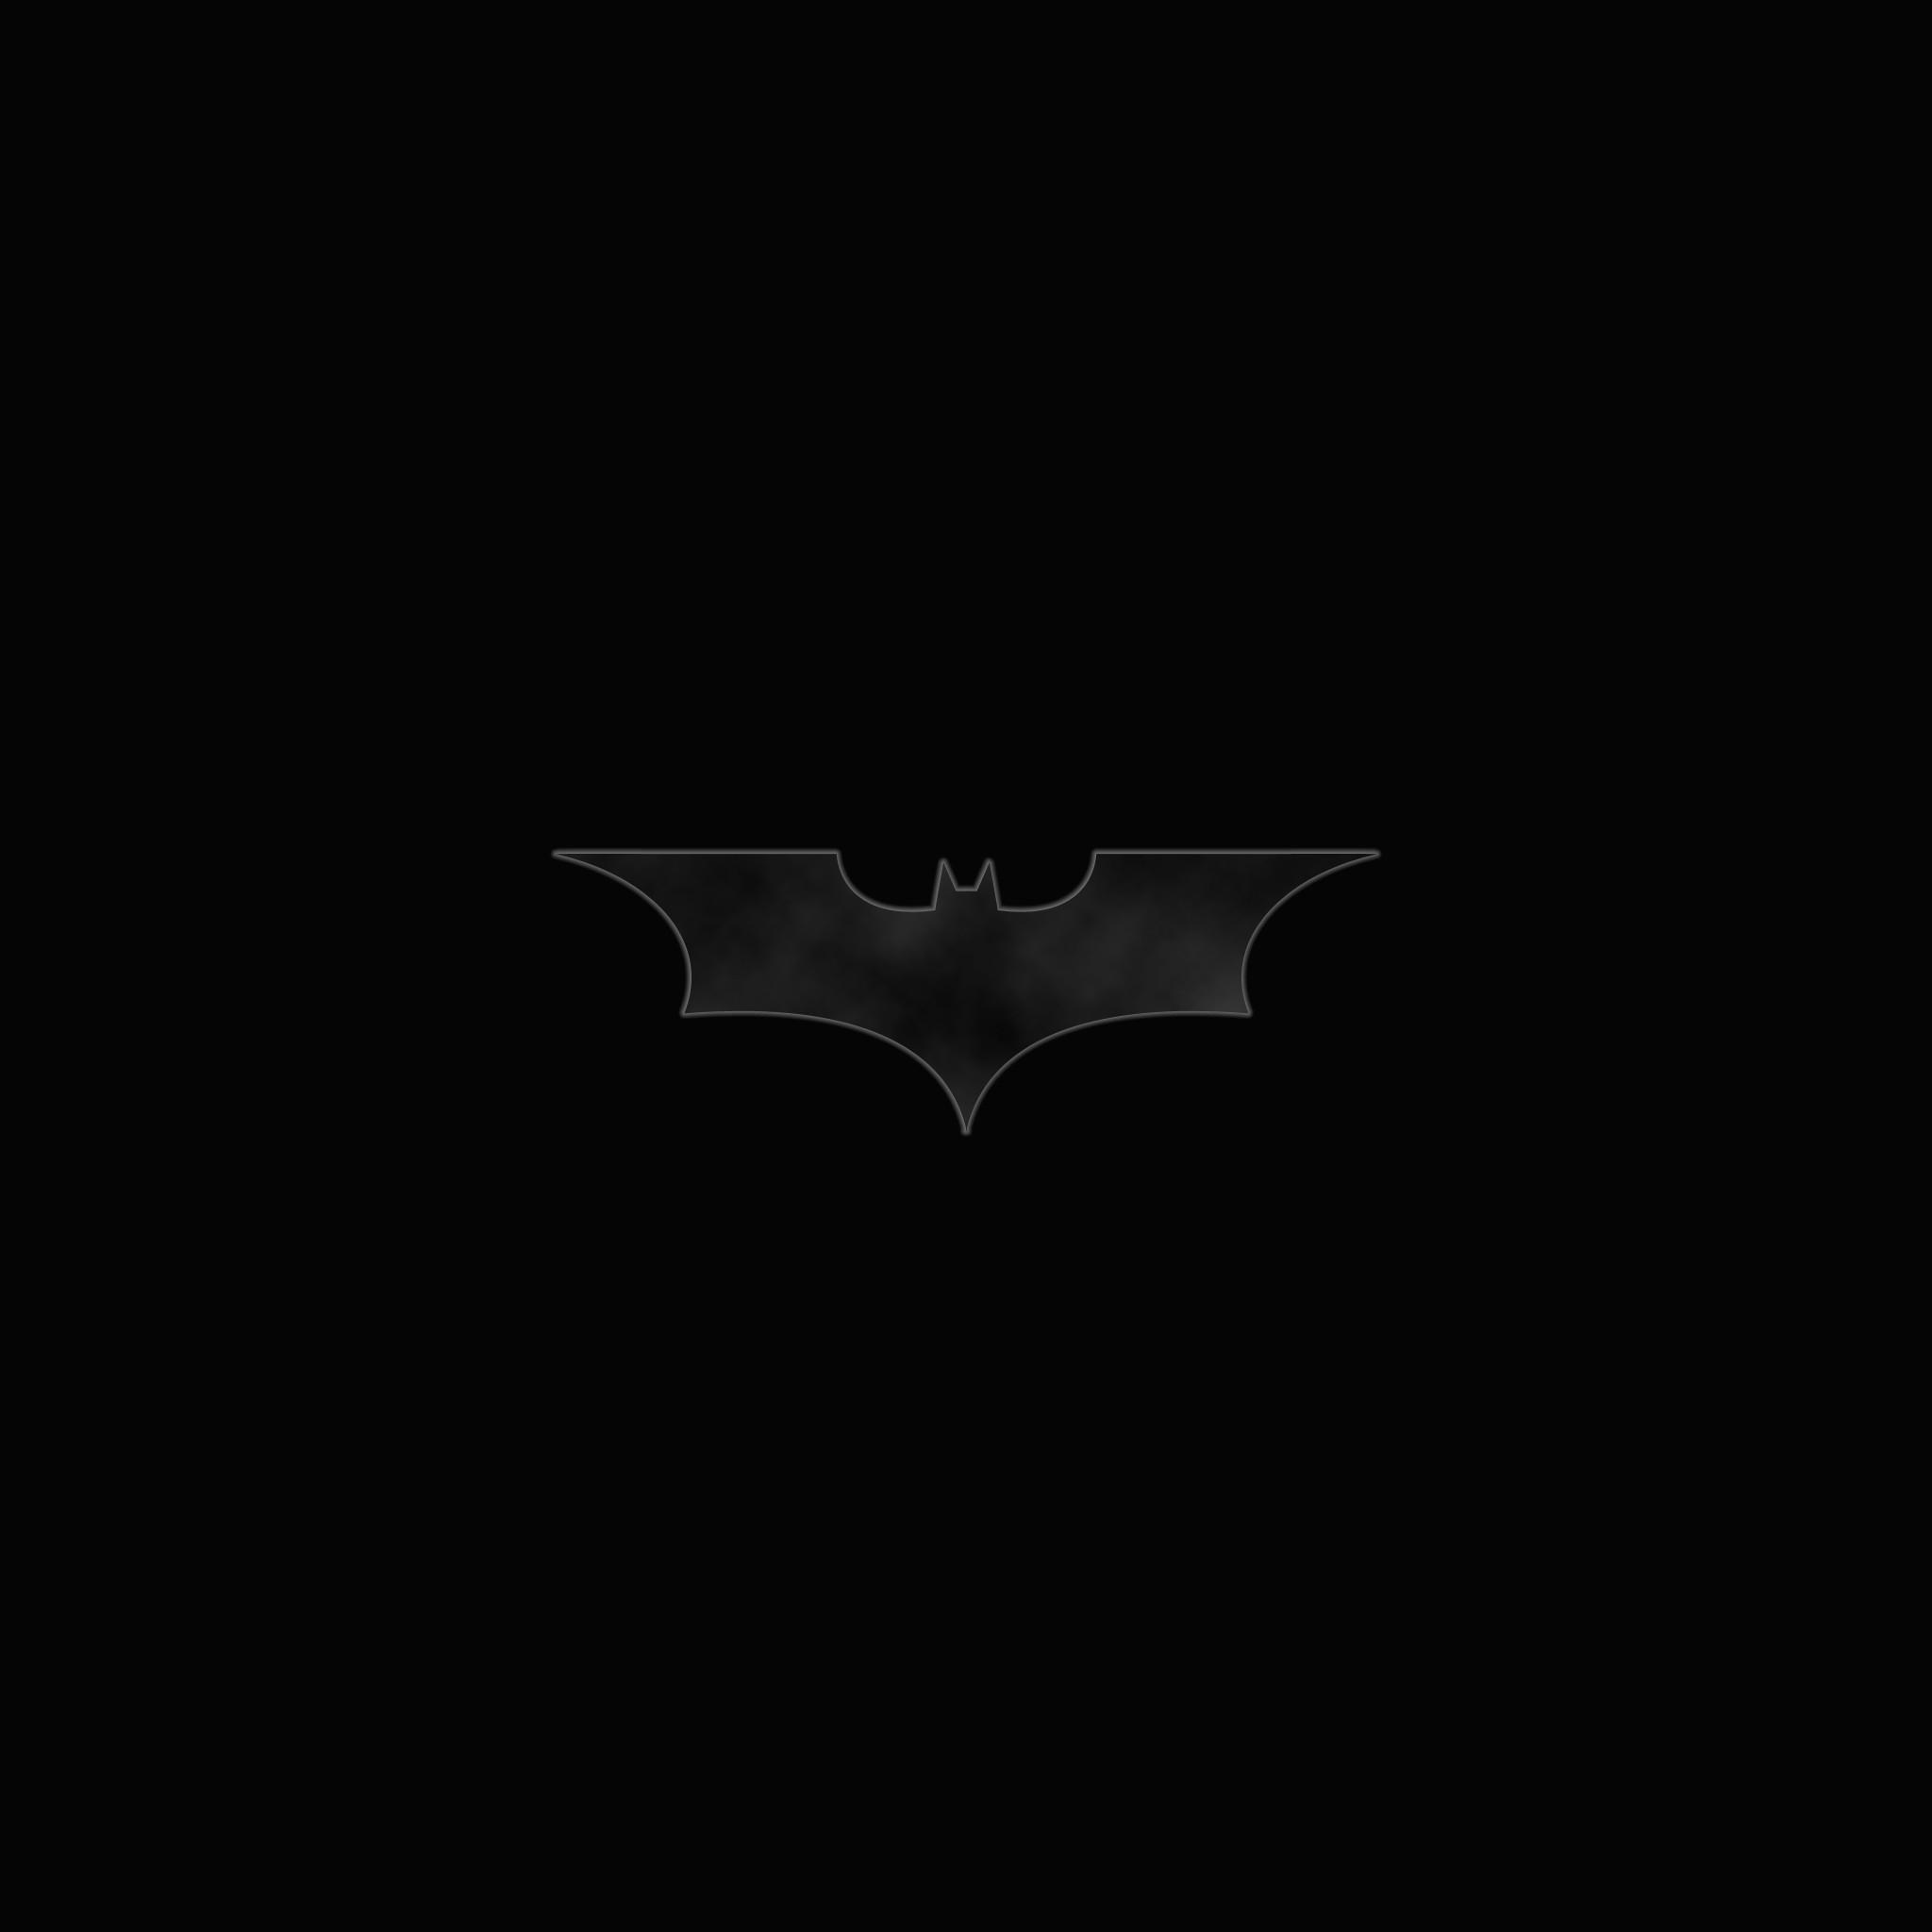 Black Iphone Wallpaper: Batman Logo Wallpaper HD (74+ Images